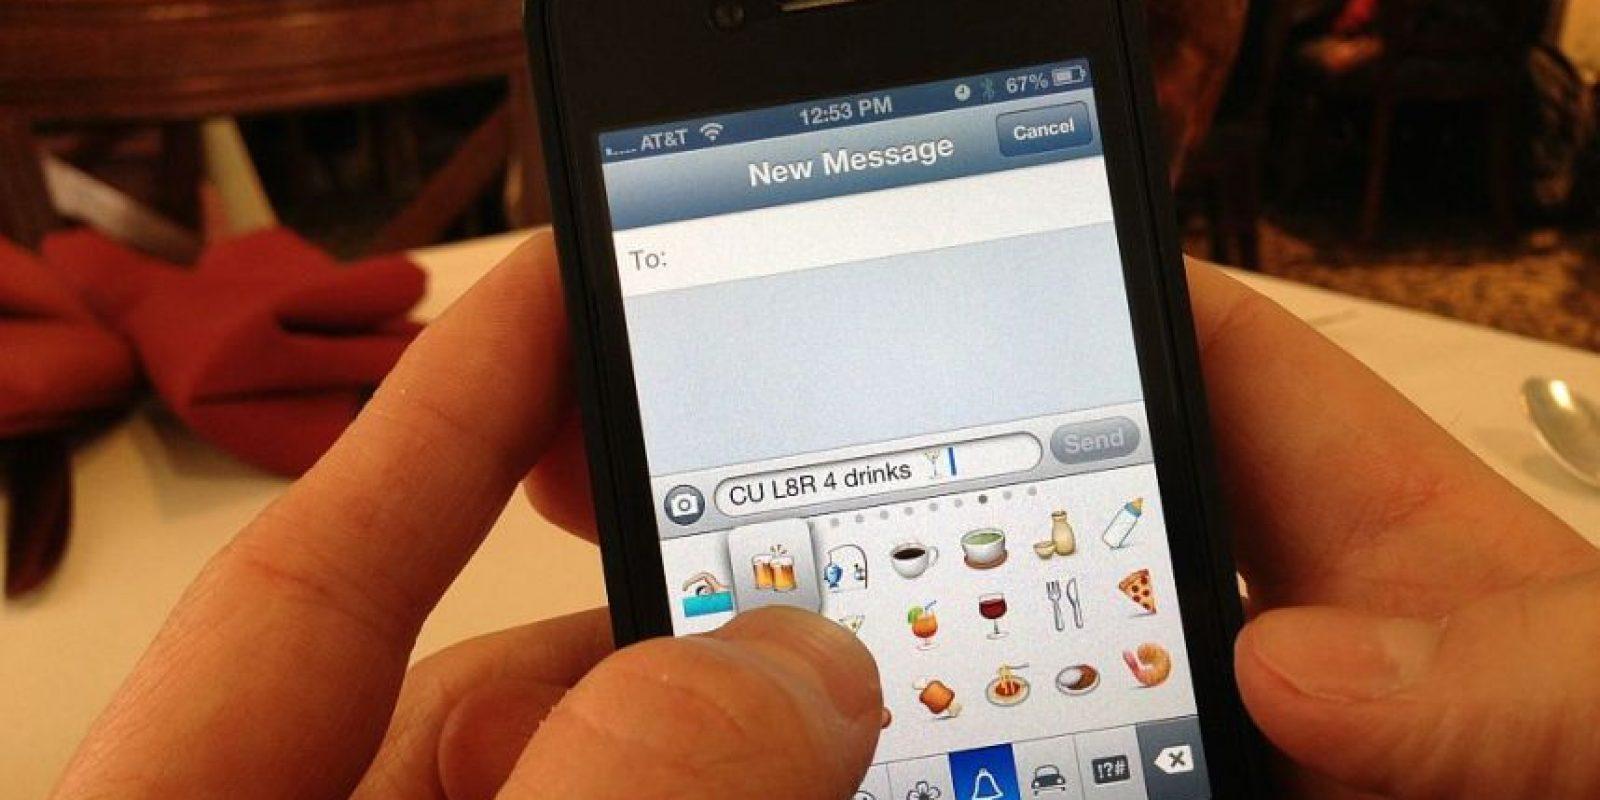 El promedio de edad de esta app es 13 a 44 años Foto:Tinder